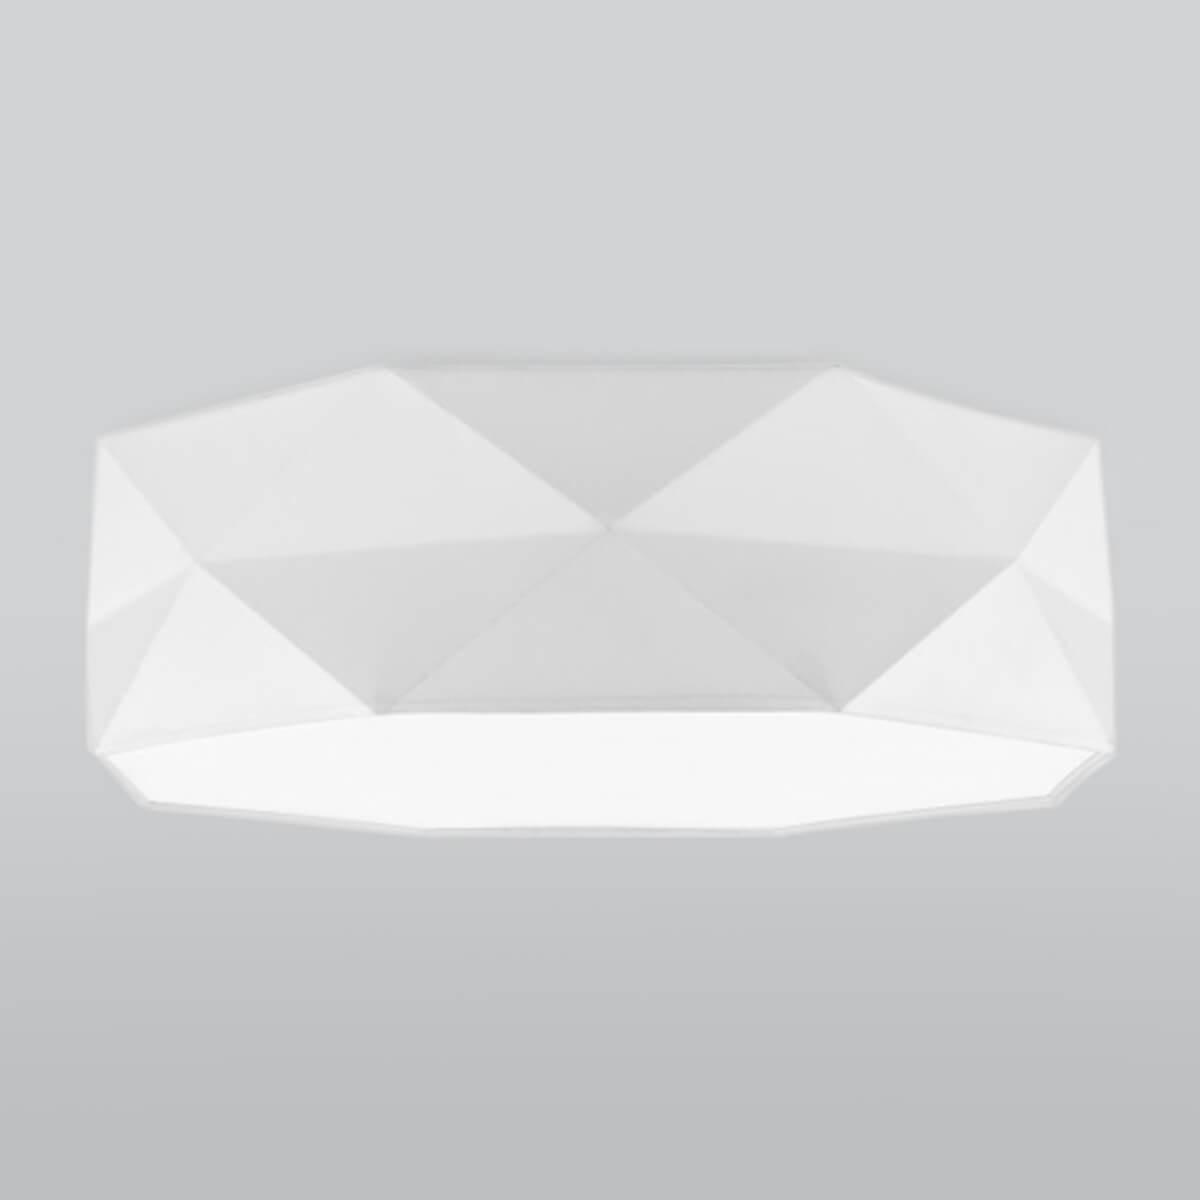 цена на Светильник TK Lighting 1565 Kantoor Kantoor